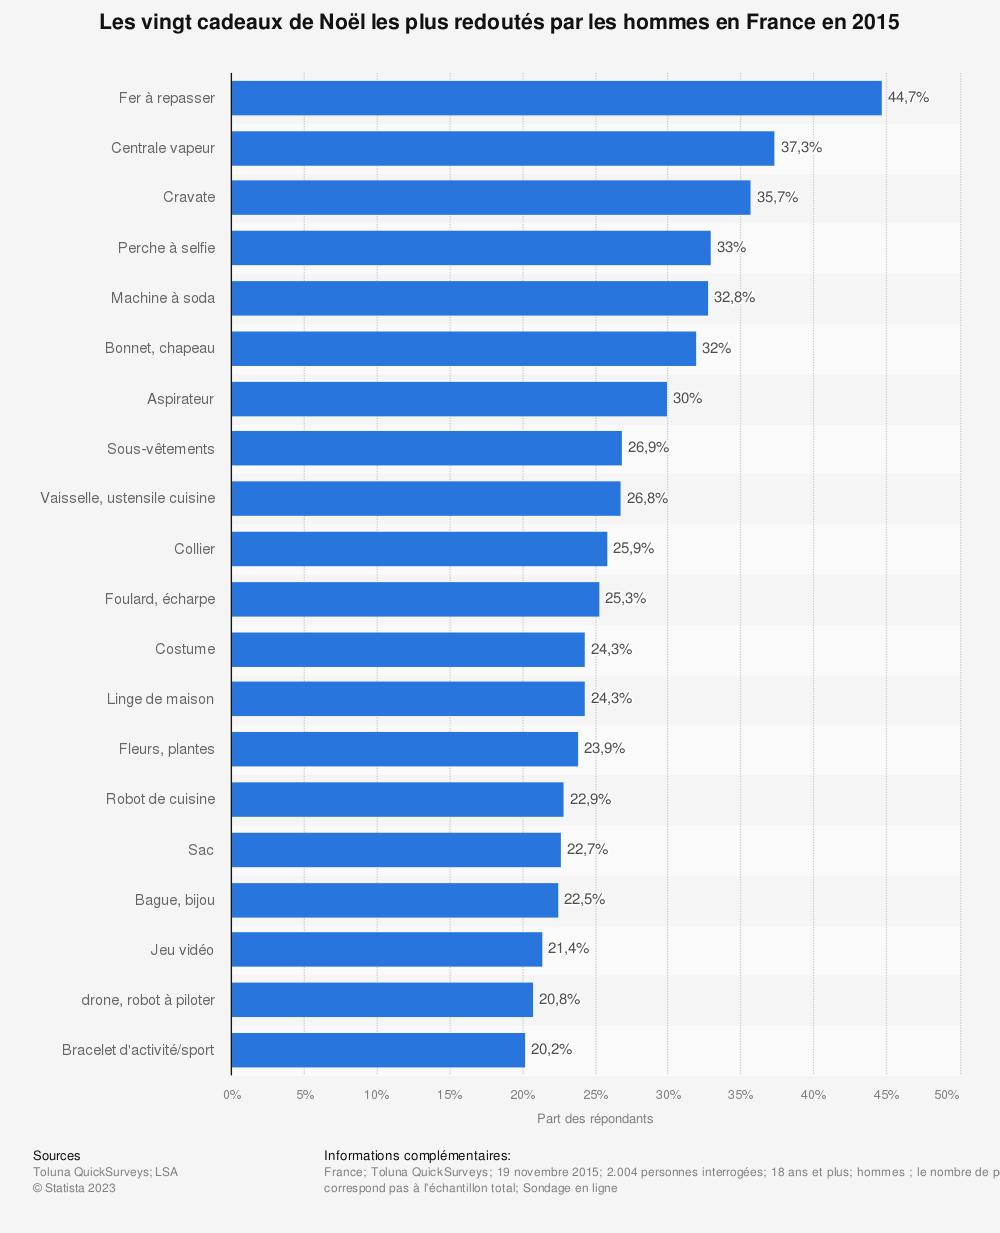 Statistique: Les vingt cadeaux de Noël les plus redoutés par les hommes en France en 2015 | Statista